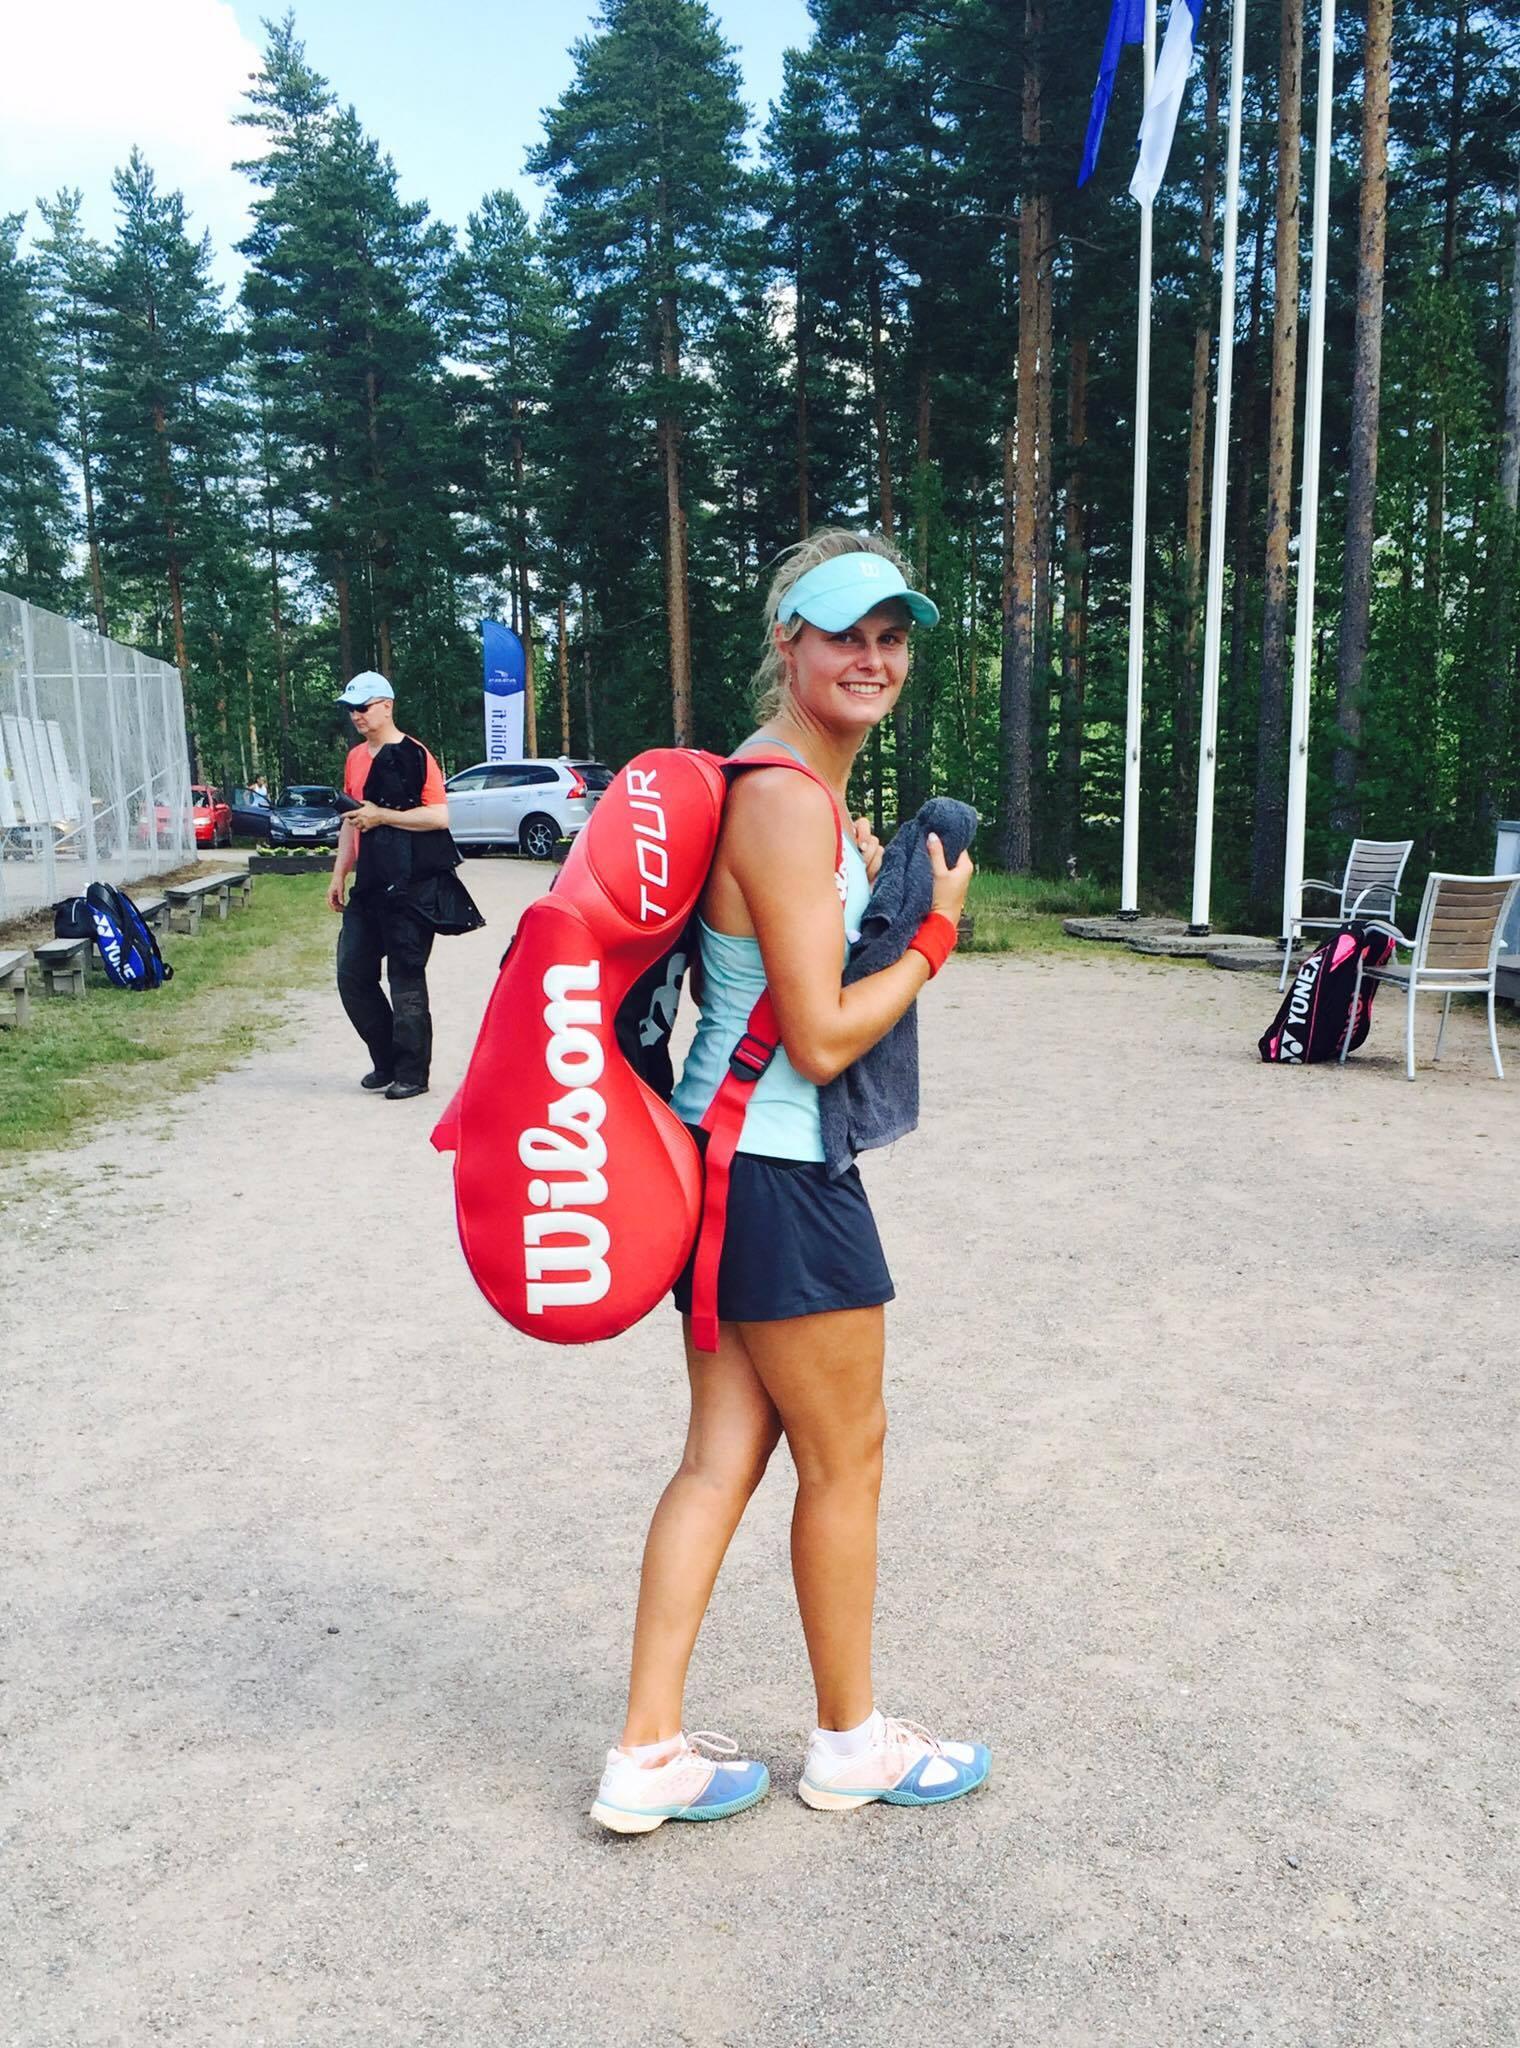 Frederikke Svarre